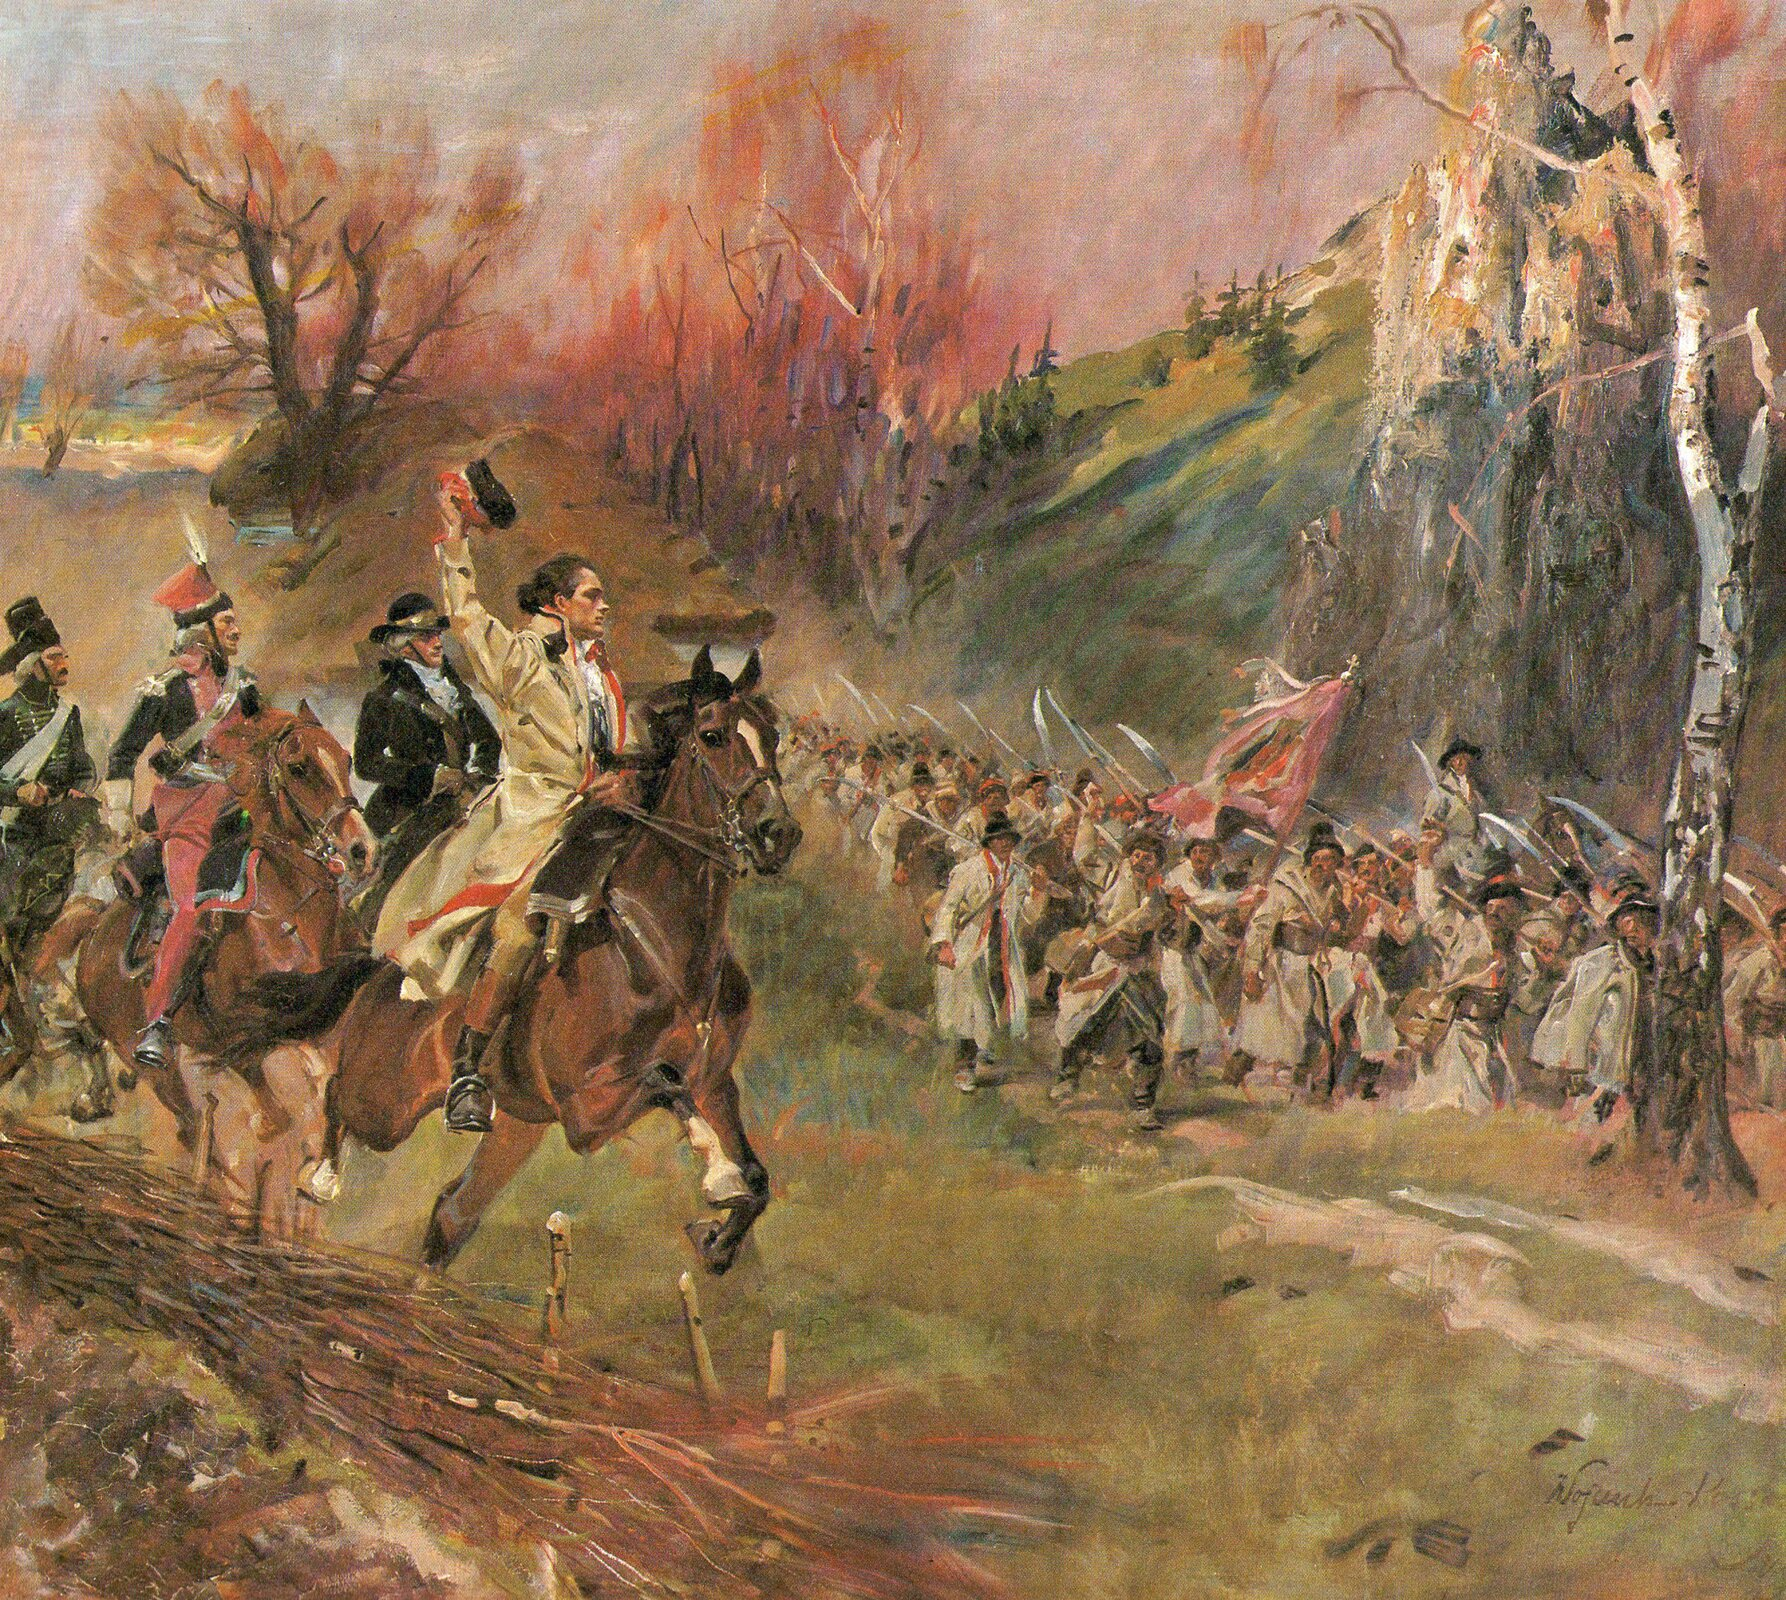 Zdjęcie przedstawia obraz ukazujący Tadeusza Kościuszkę zkosynierami. Mężczyźni jadą konno.